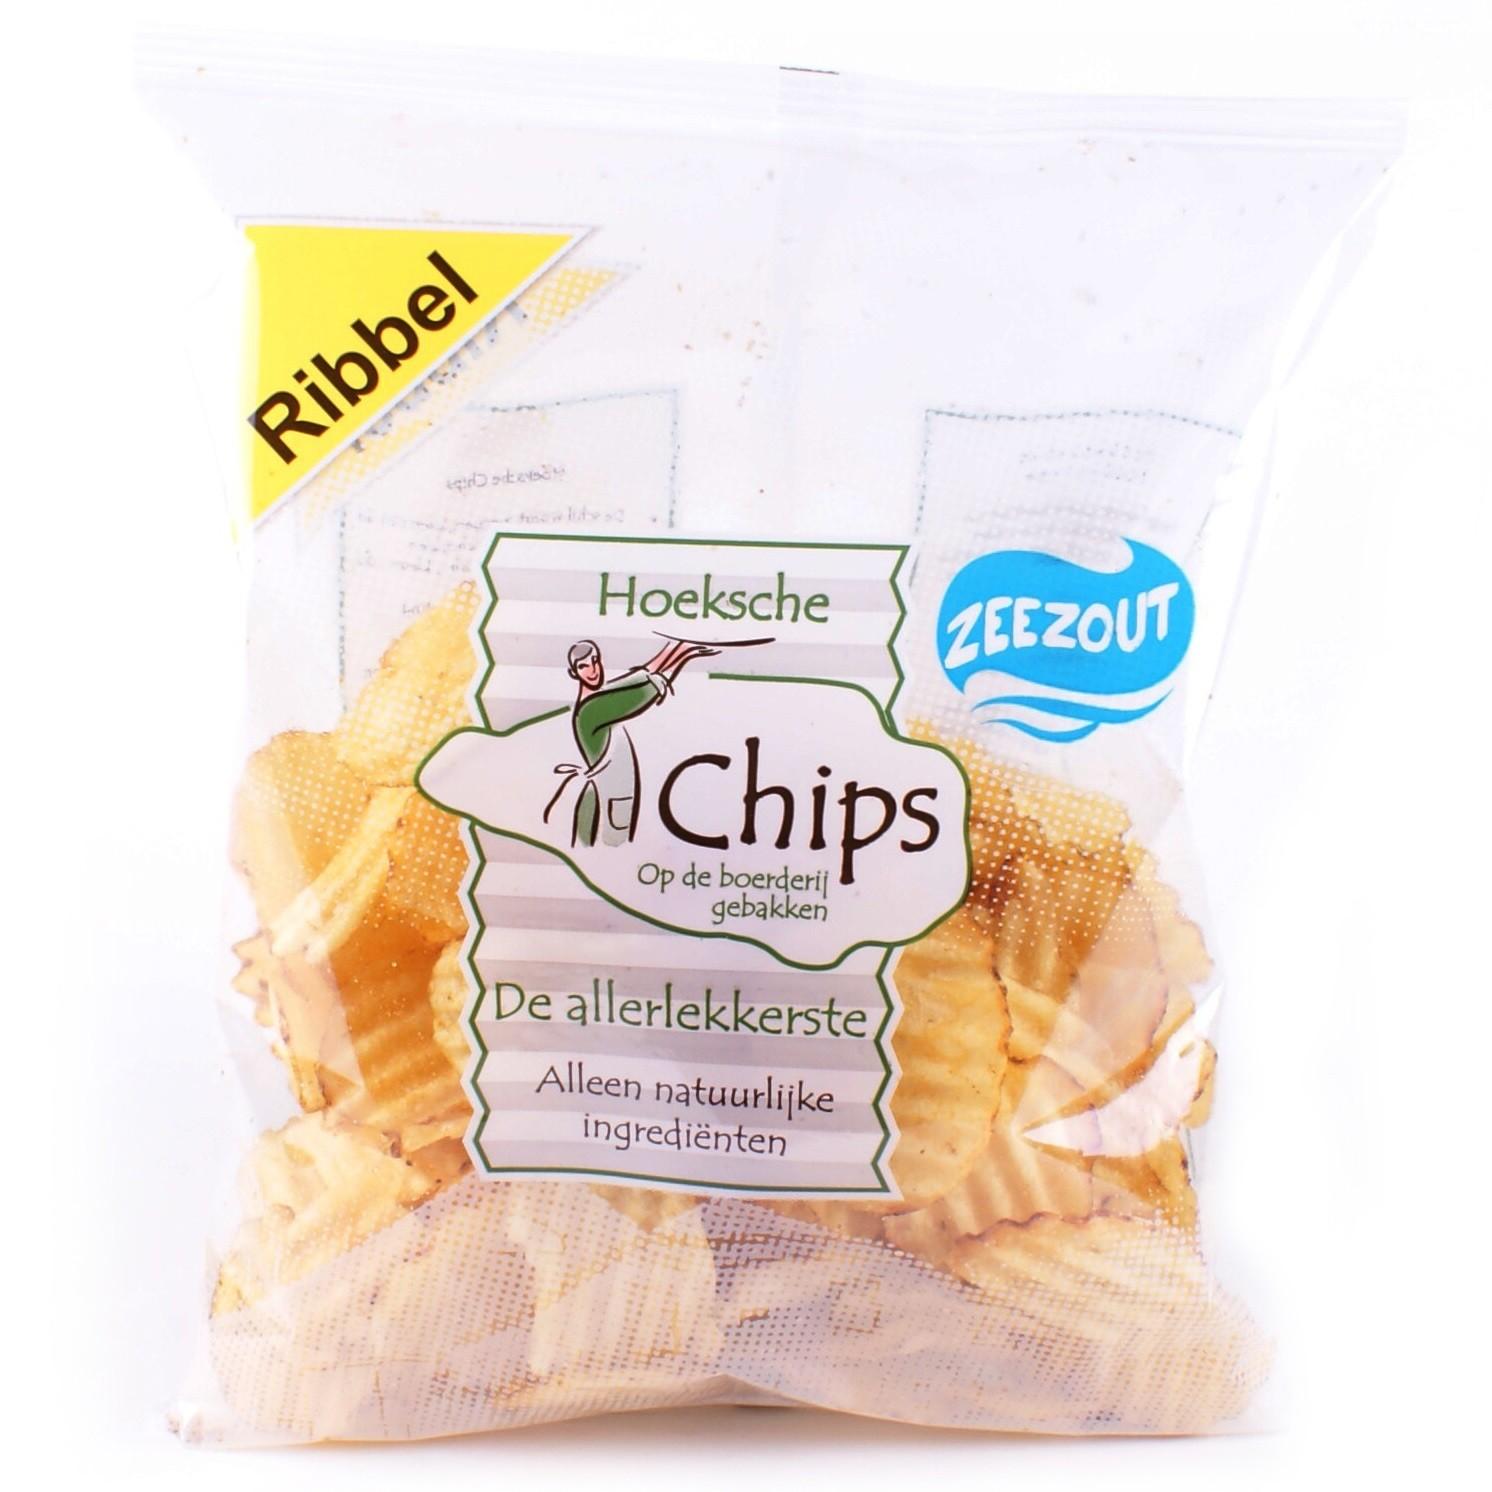 Hoeksche Chips ribbel 150 gr